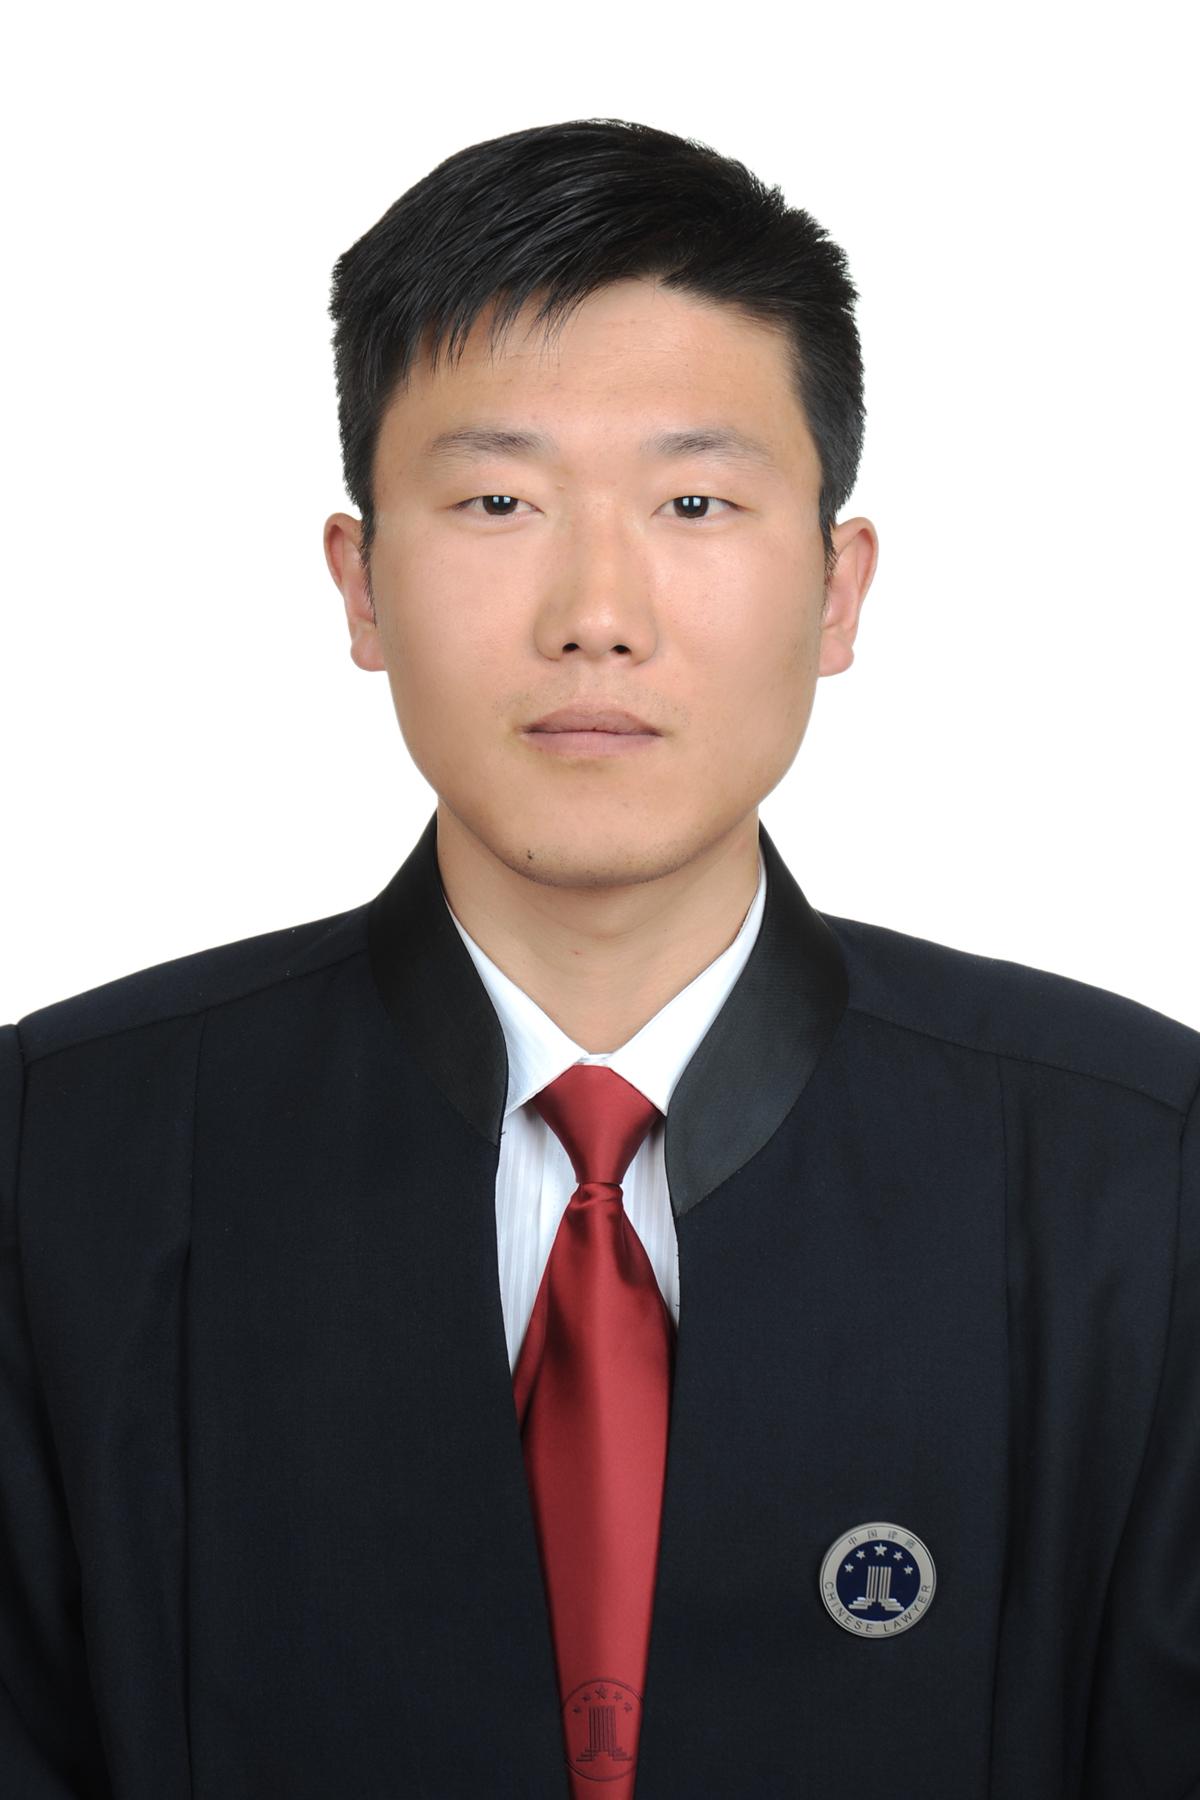 临夏州律师-张忠红